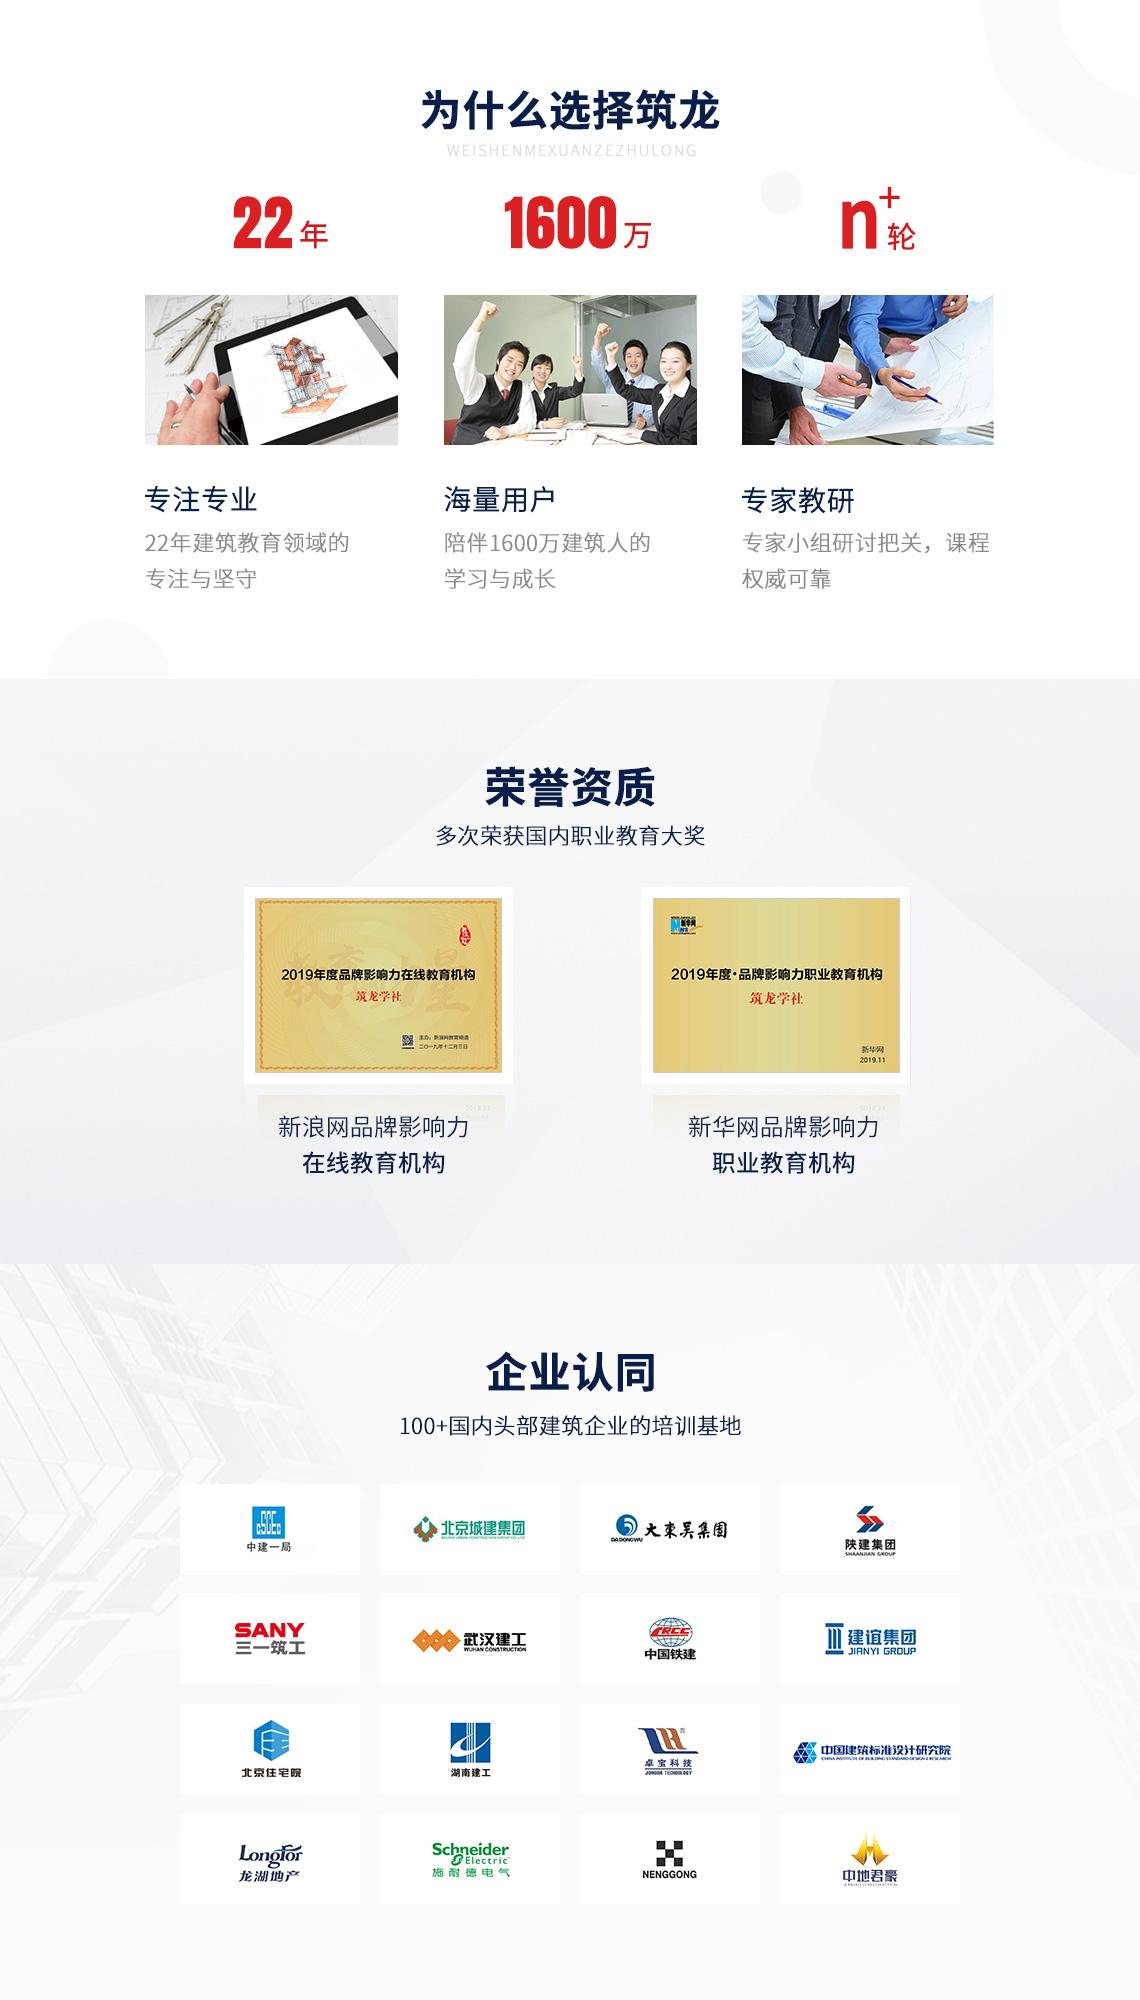 广告 seo关键字:工程全案管理,室内空间设计,室内全案设计,室内全案方案